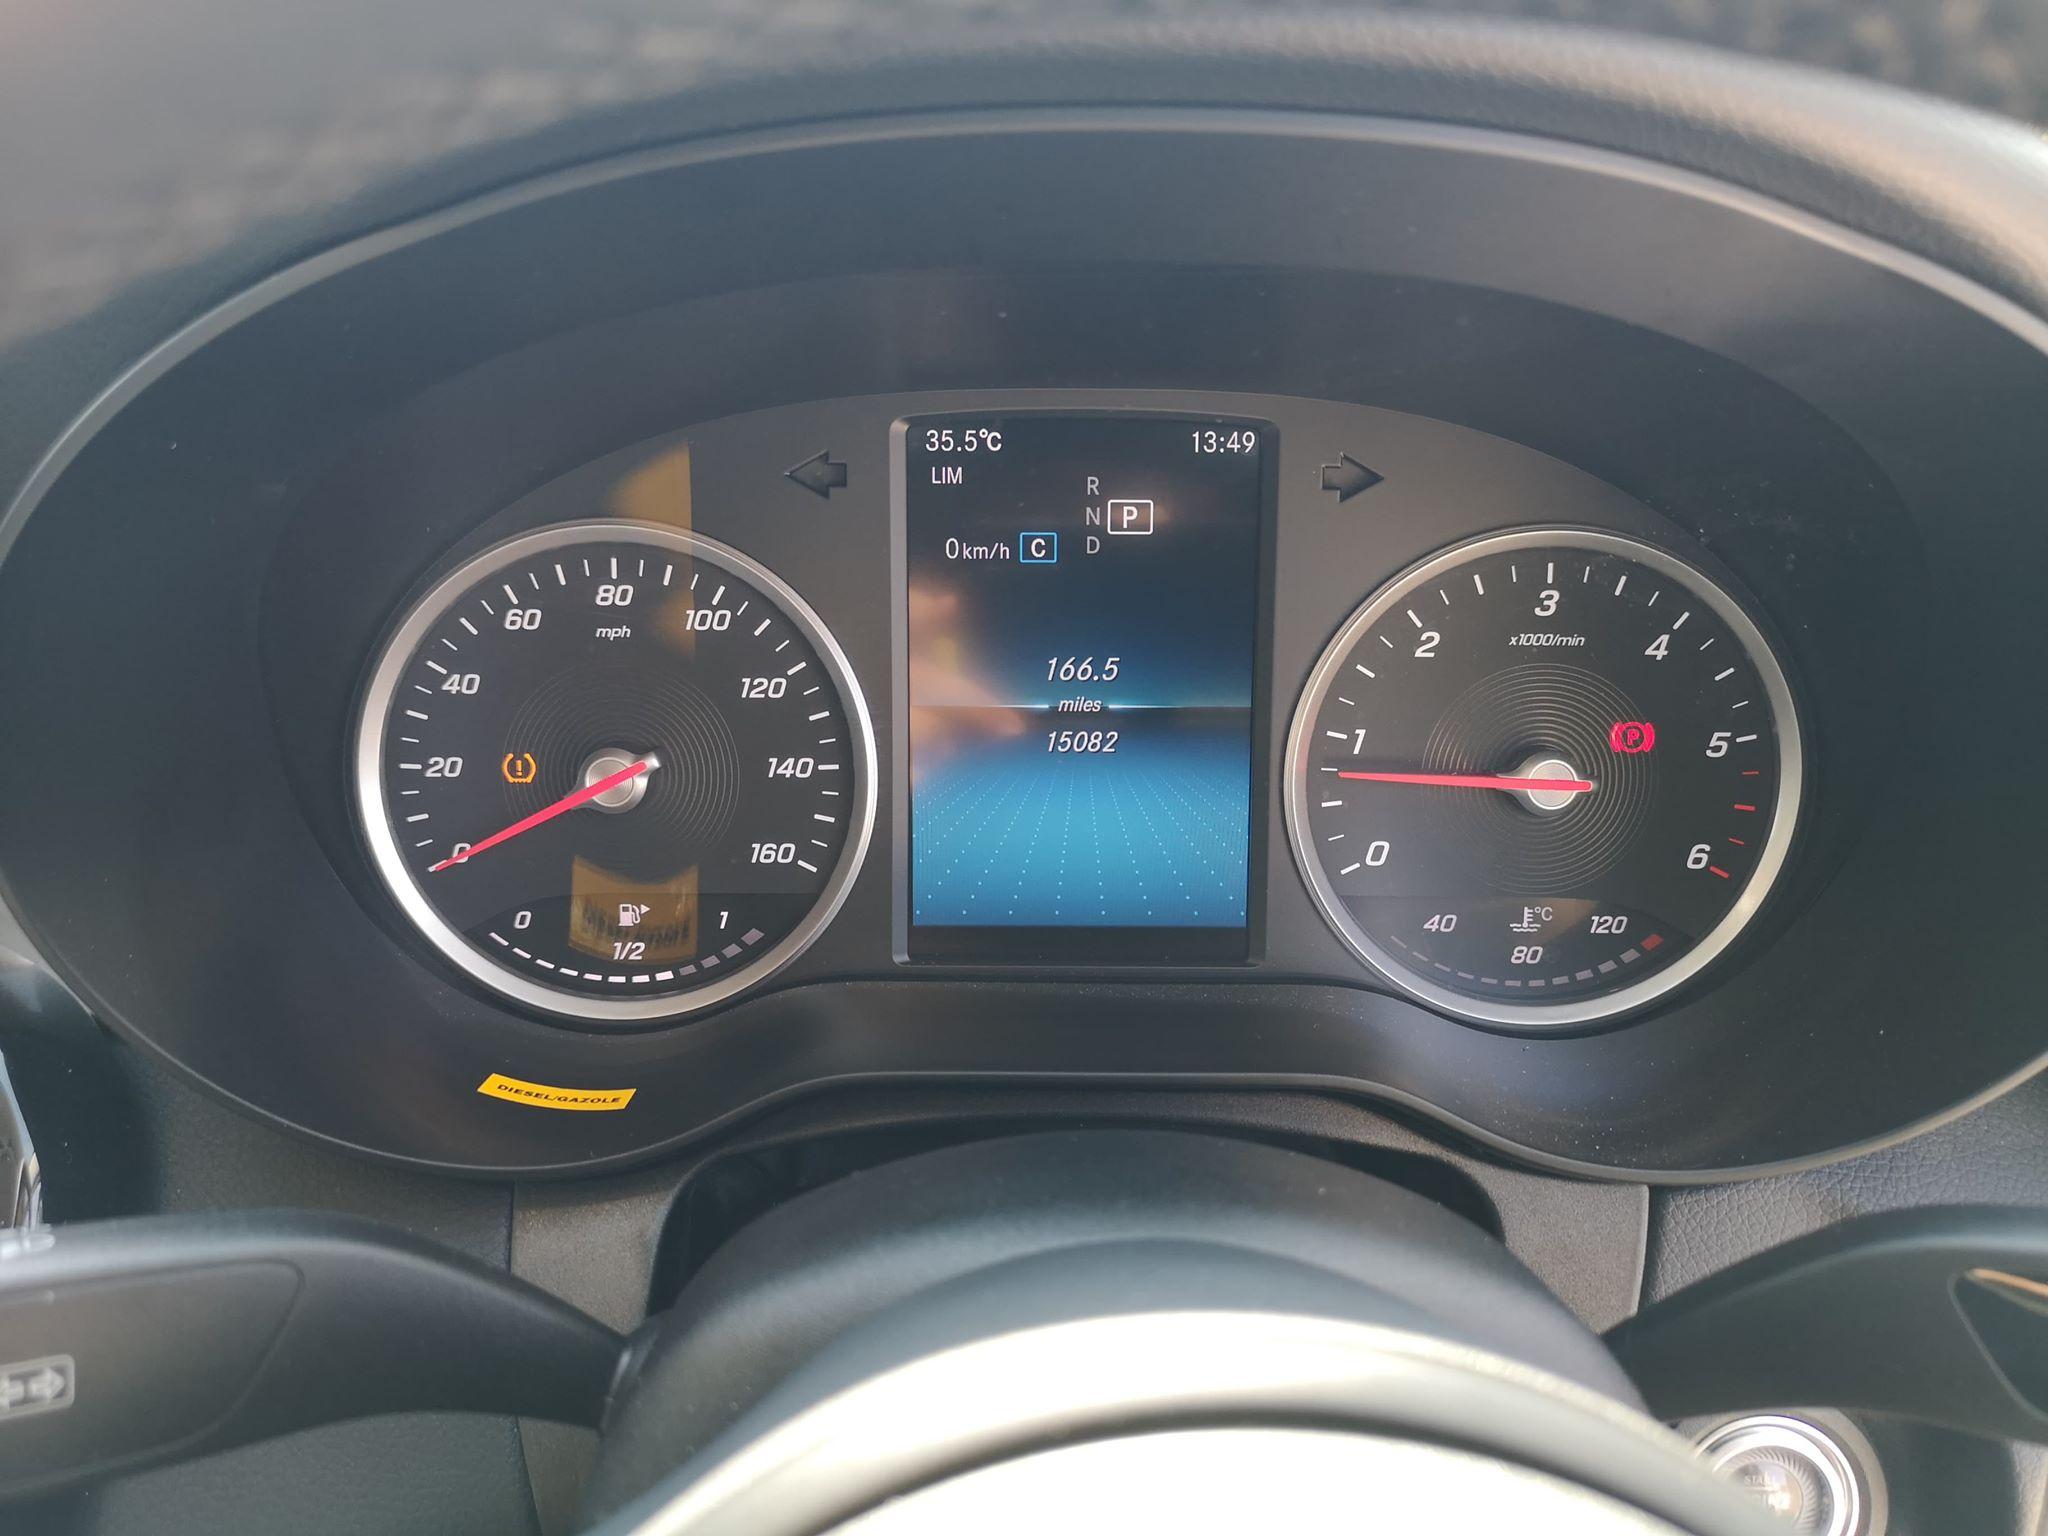 Mercedes Benz C Class 220D 9 Speed Auto